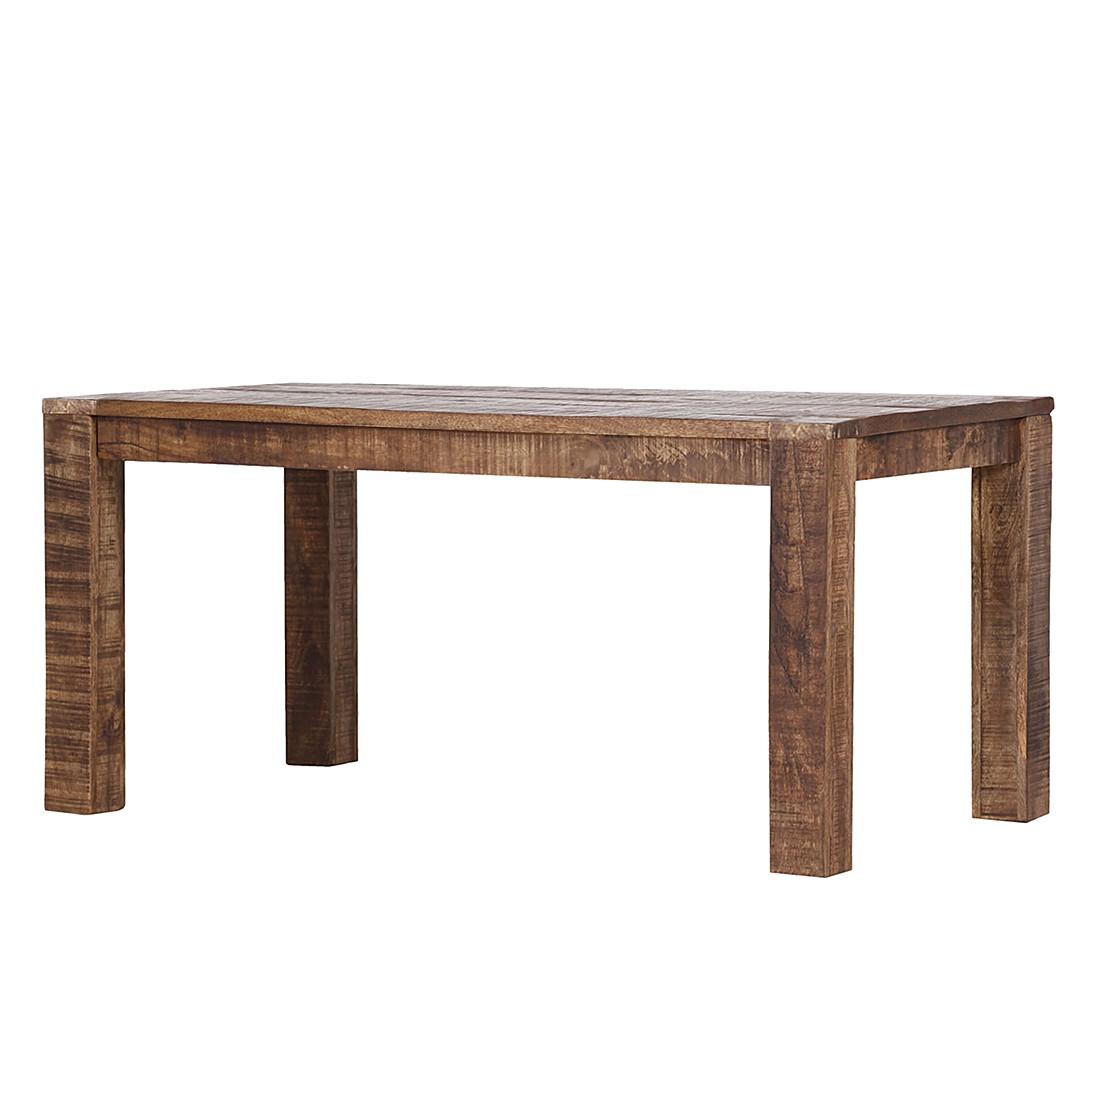 Table de salle à manger Pintage - Manguier massif - Teinté et verni, ars manufacti